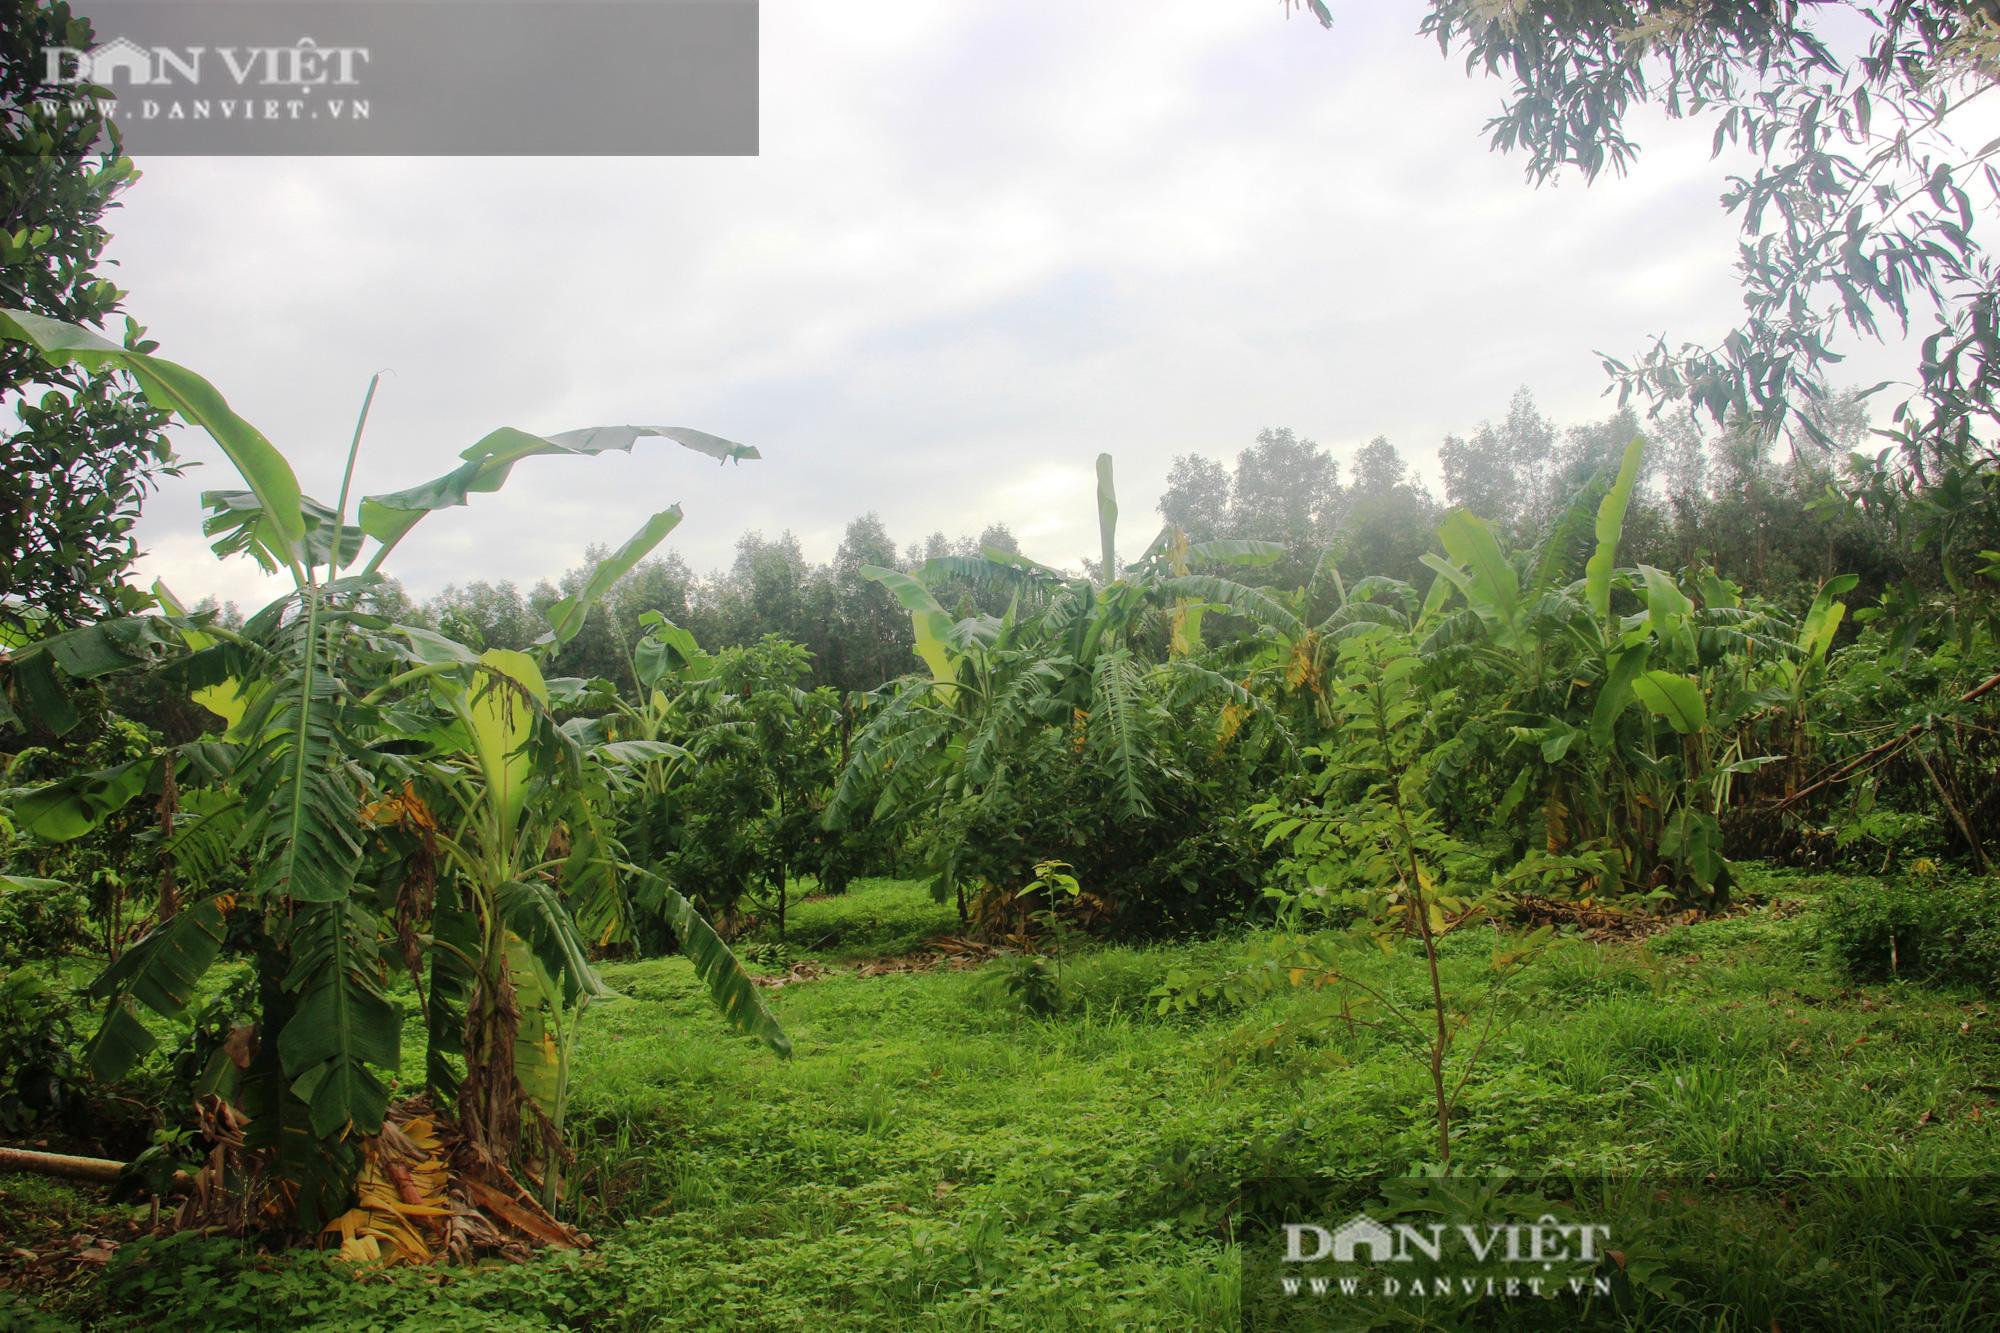 Nông dân được Thủ tướng tặng Bằng khen, nuôi con gì, trồng cây gì… để có doanh thu 2 tỷ đồng/năm? - Ảnh 7.